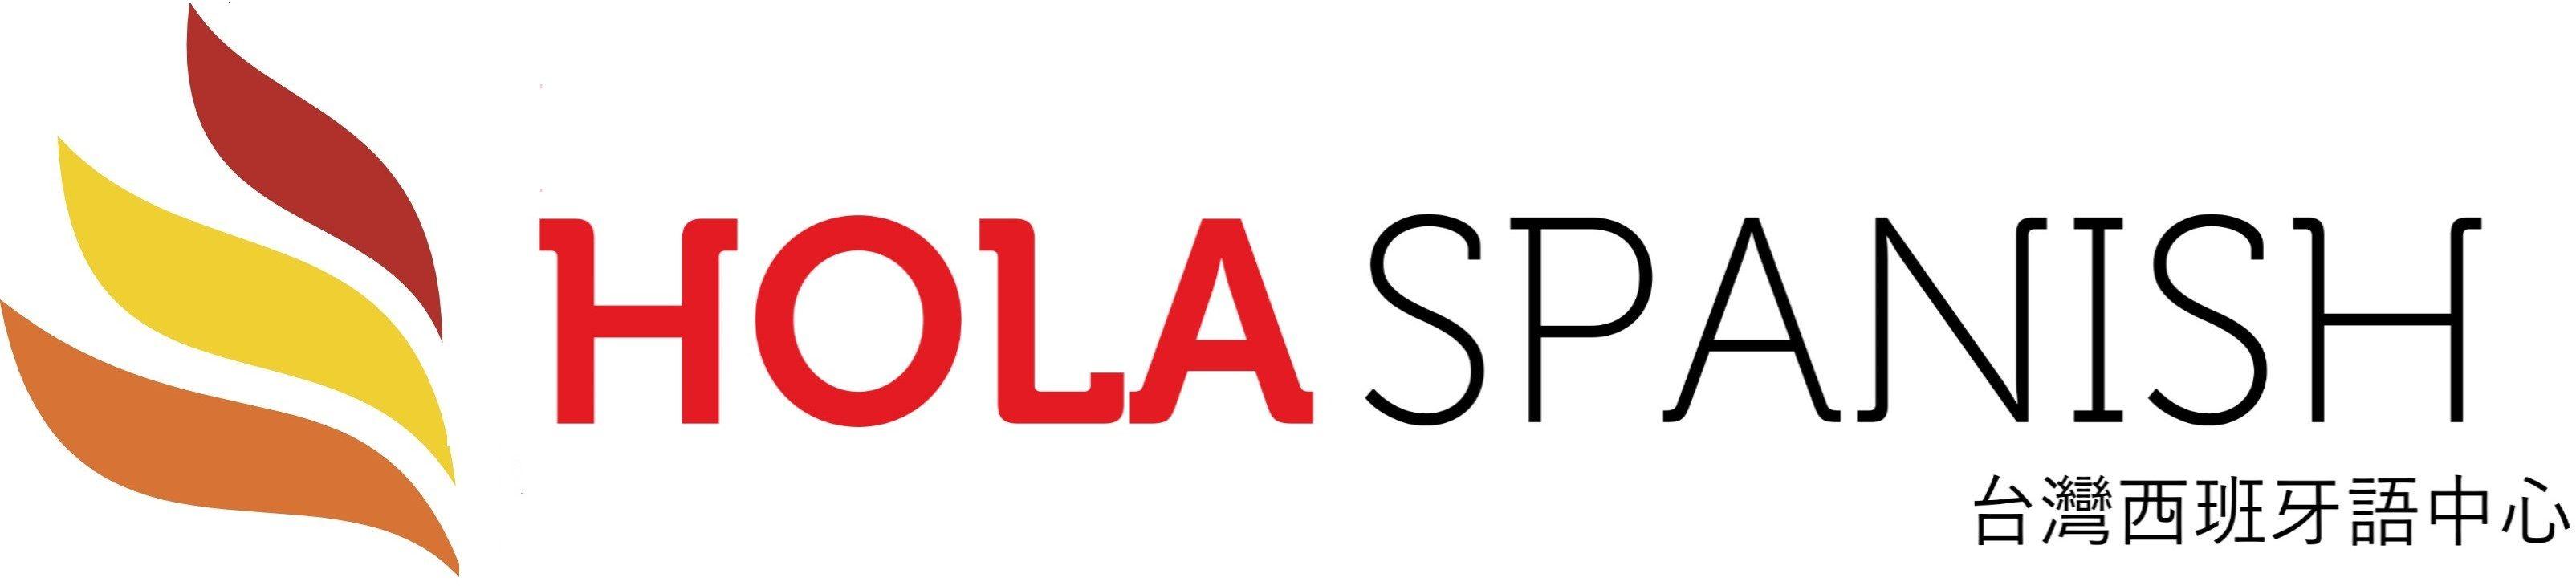 台北西班牙語中心Hola Spanish-台灣唯一100%純西班牙語學習中心